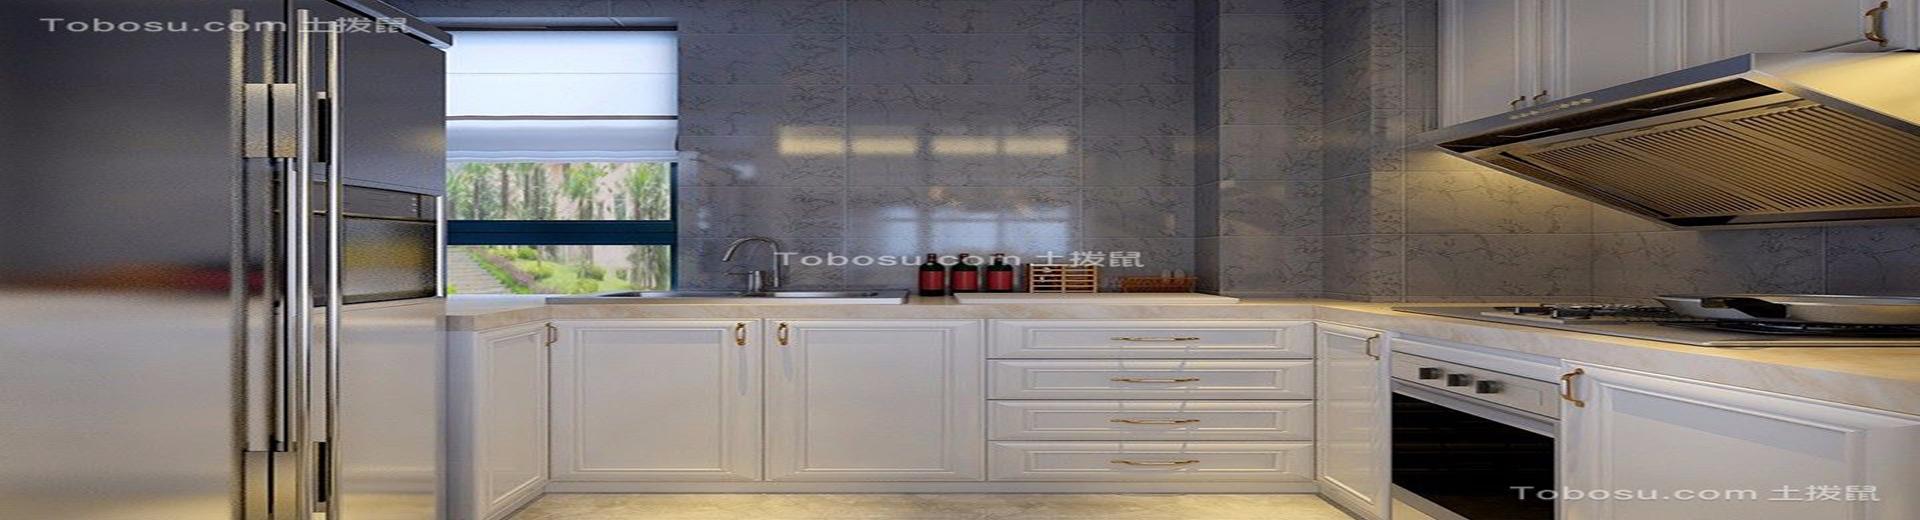 廚房瓷磚效果圖鑒賞,手把手教您如何挑選瓷磚